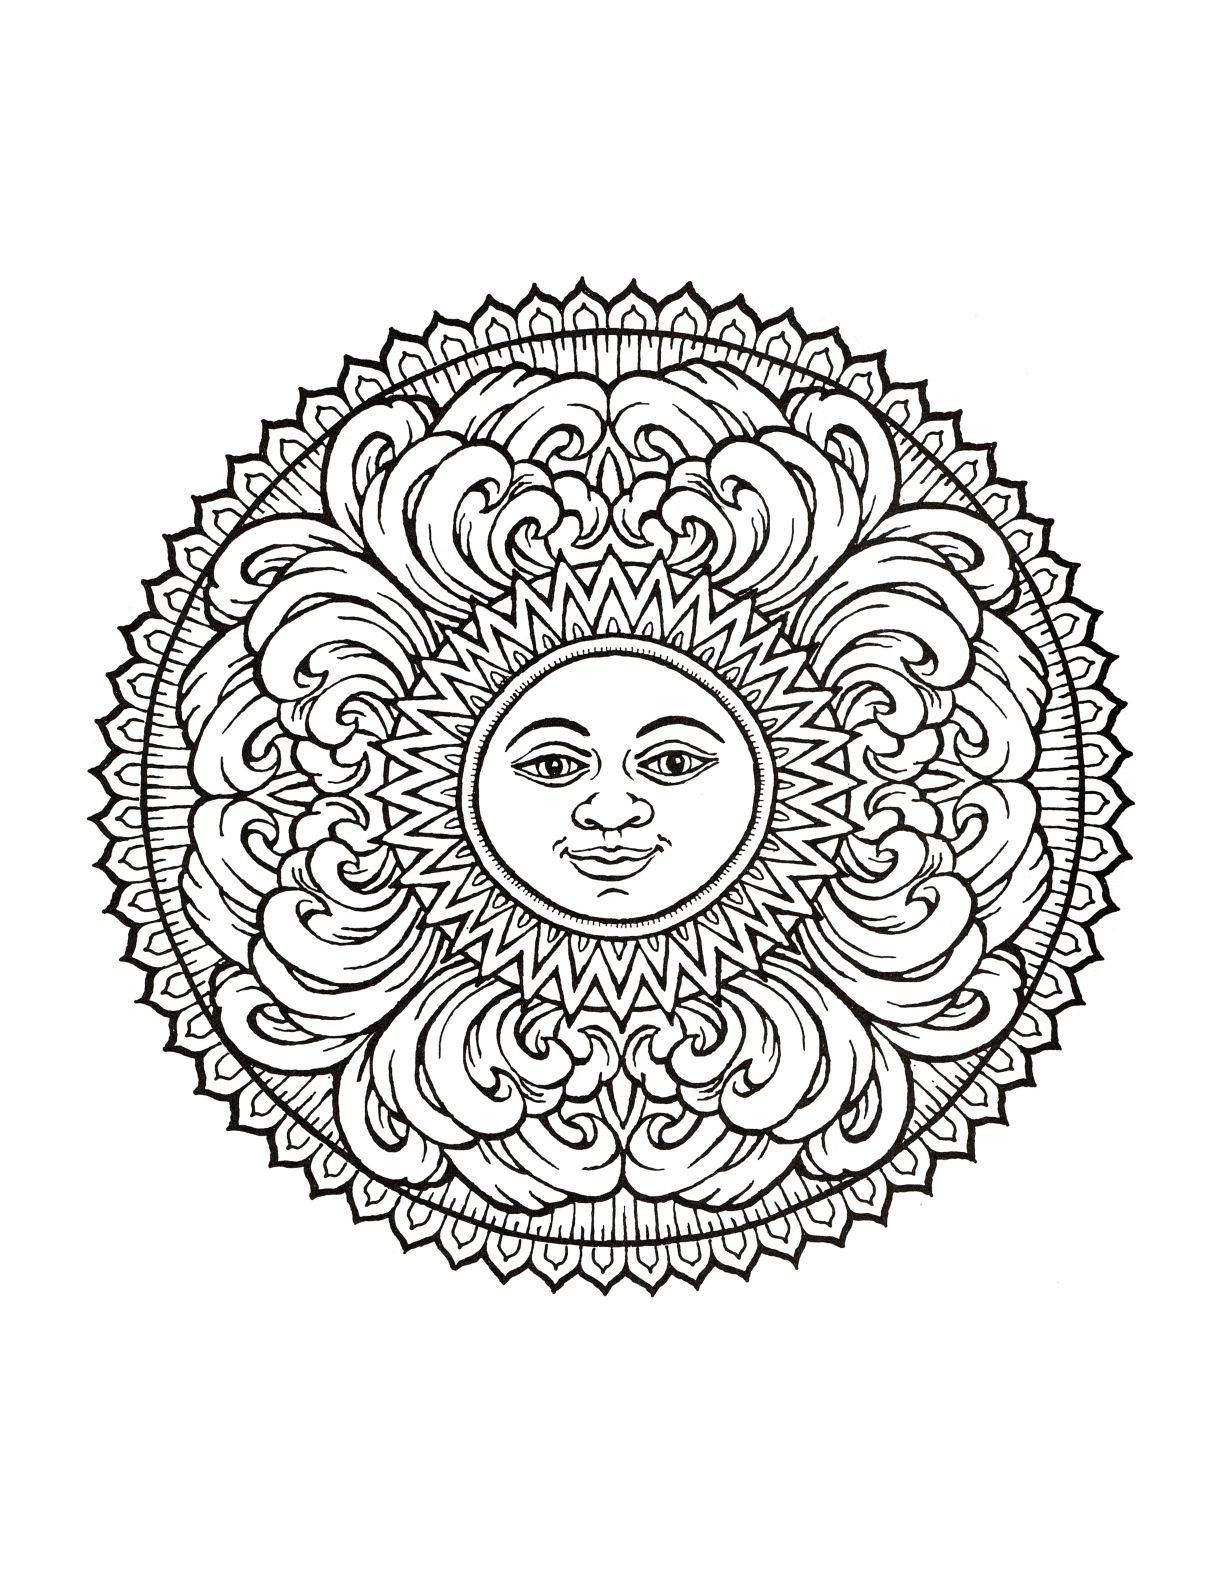 Mandala 341 Mystical Coloring Book Dover Publicationsvector